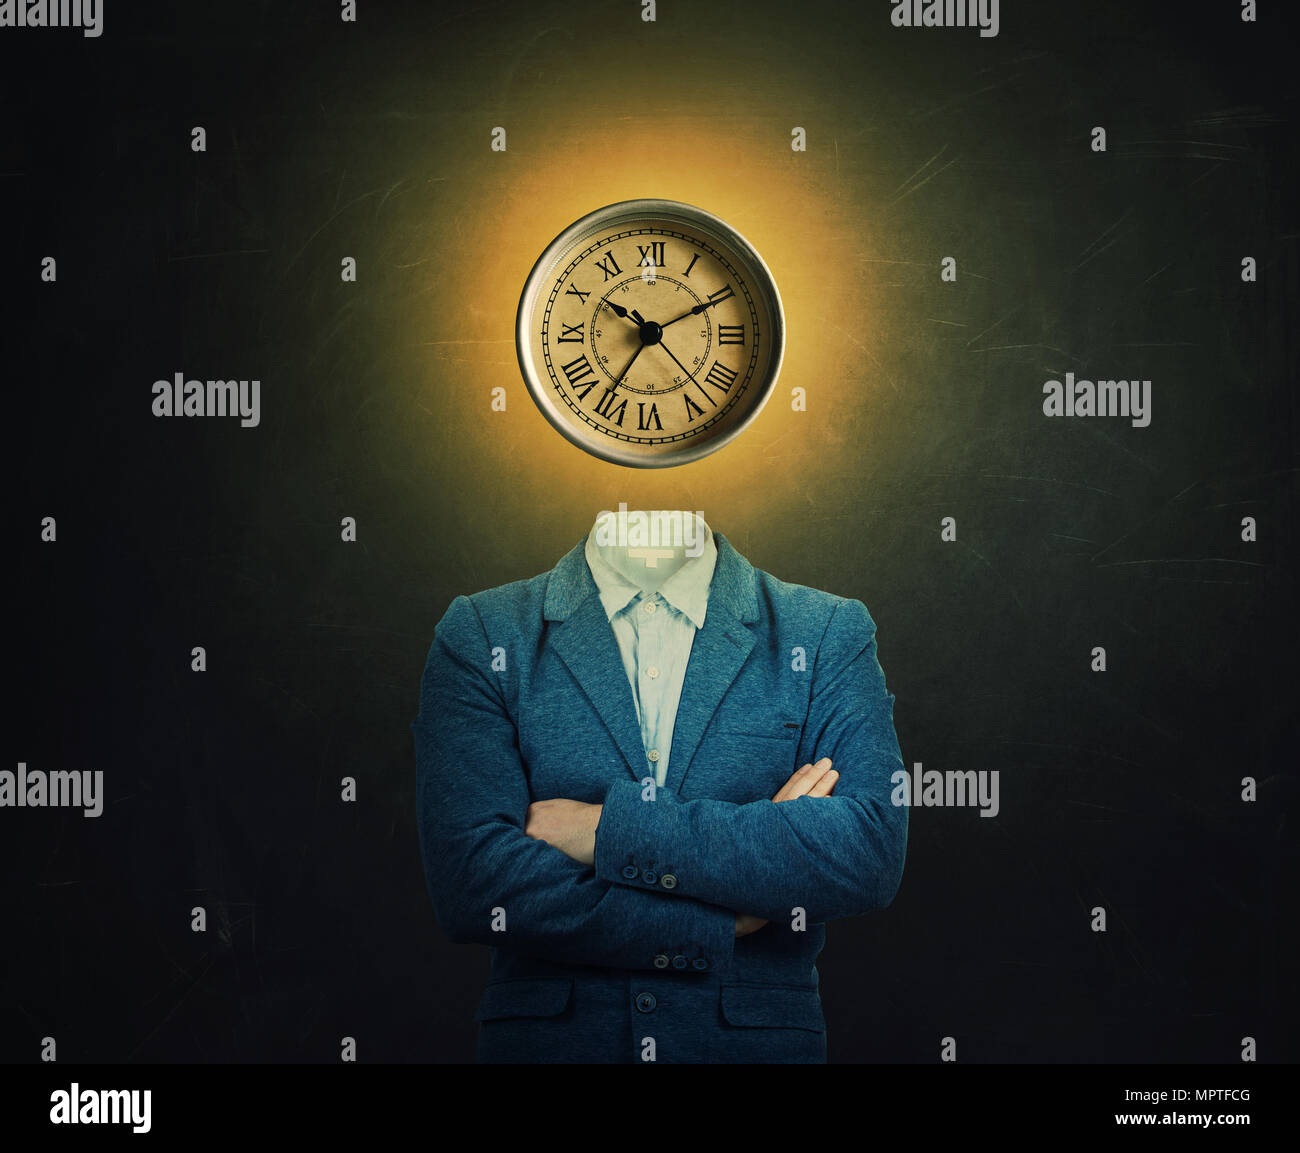 Imagen surrealista de un serio profesor de manos cruzadas y un reloj en lugar de su cabeza sobre los antecedentes de la pizarra. El concepto de tiempo en la educación Imagen De Stock